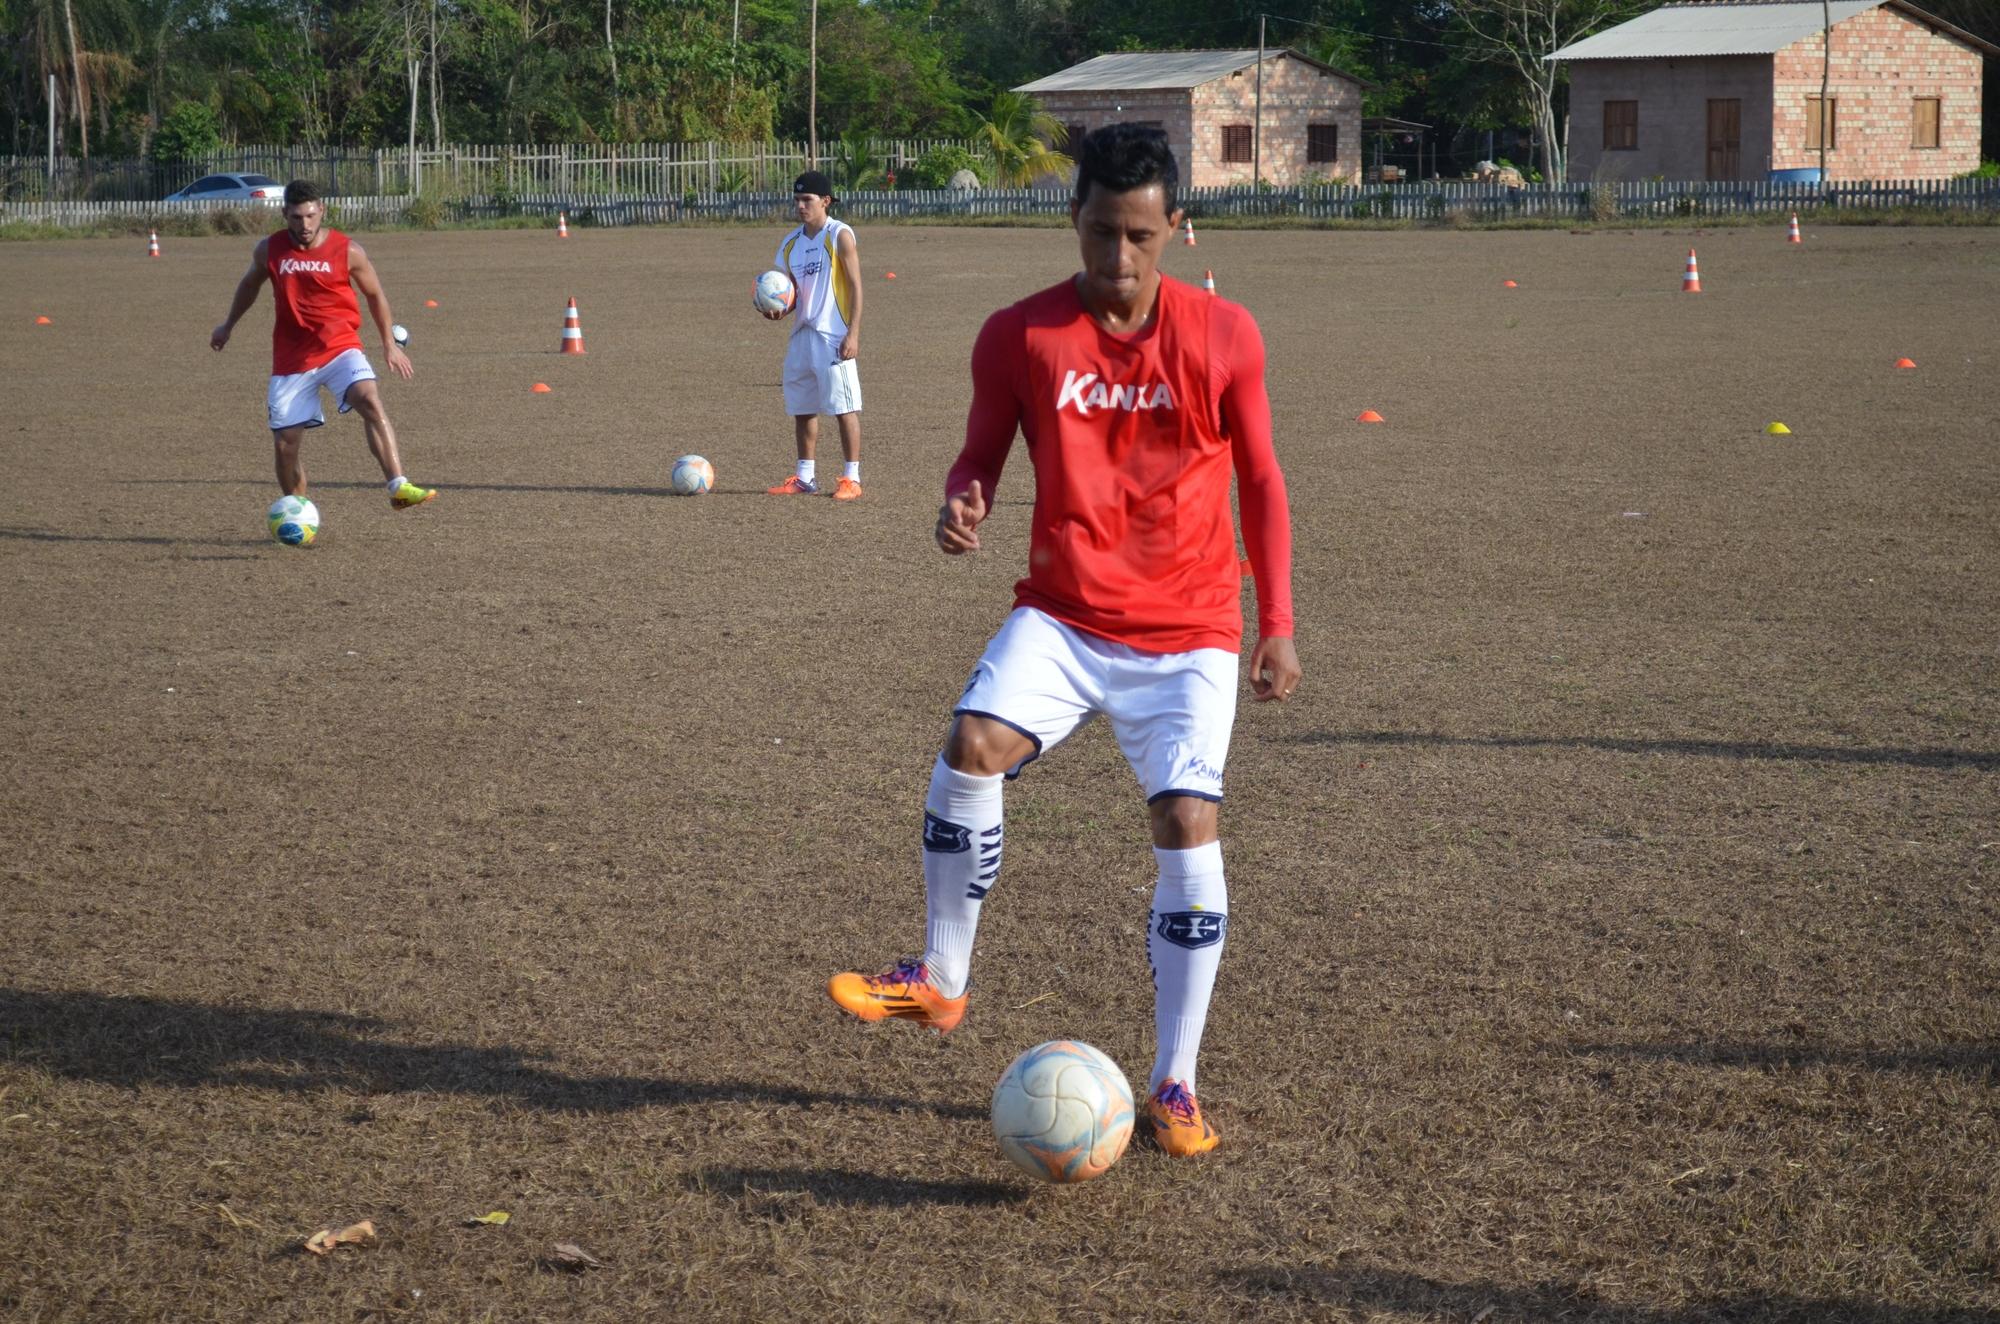 Com 19 no BID, São Francisco espera regularizar mais atletas nesta ... - Globo.com